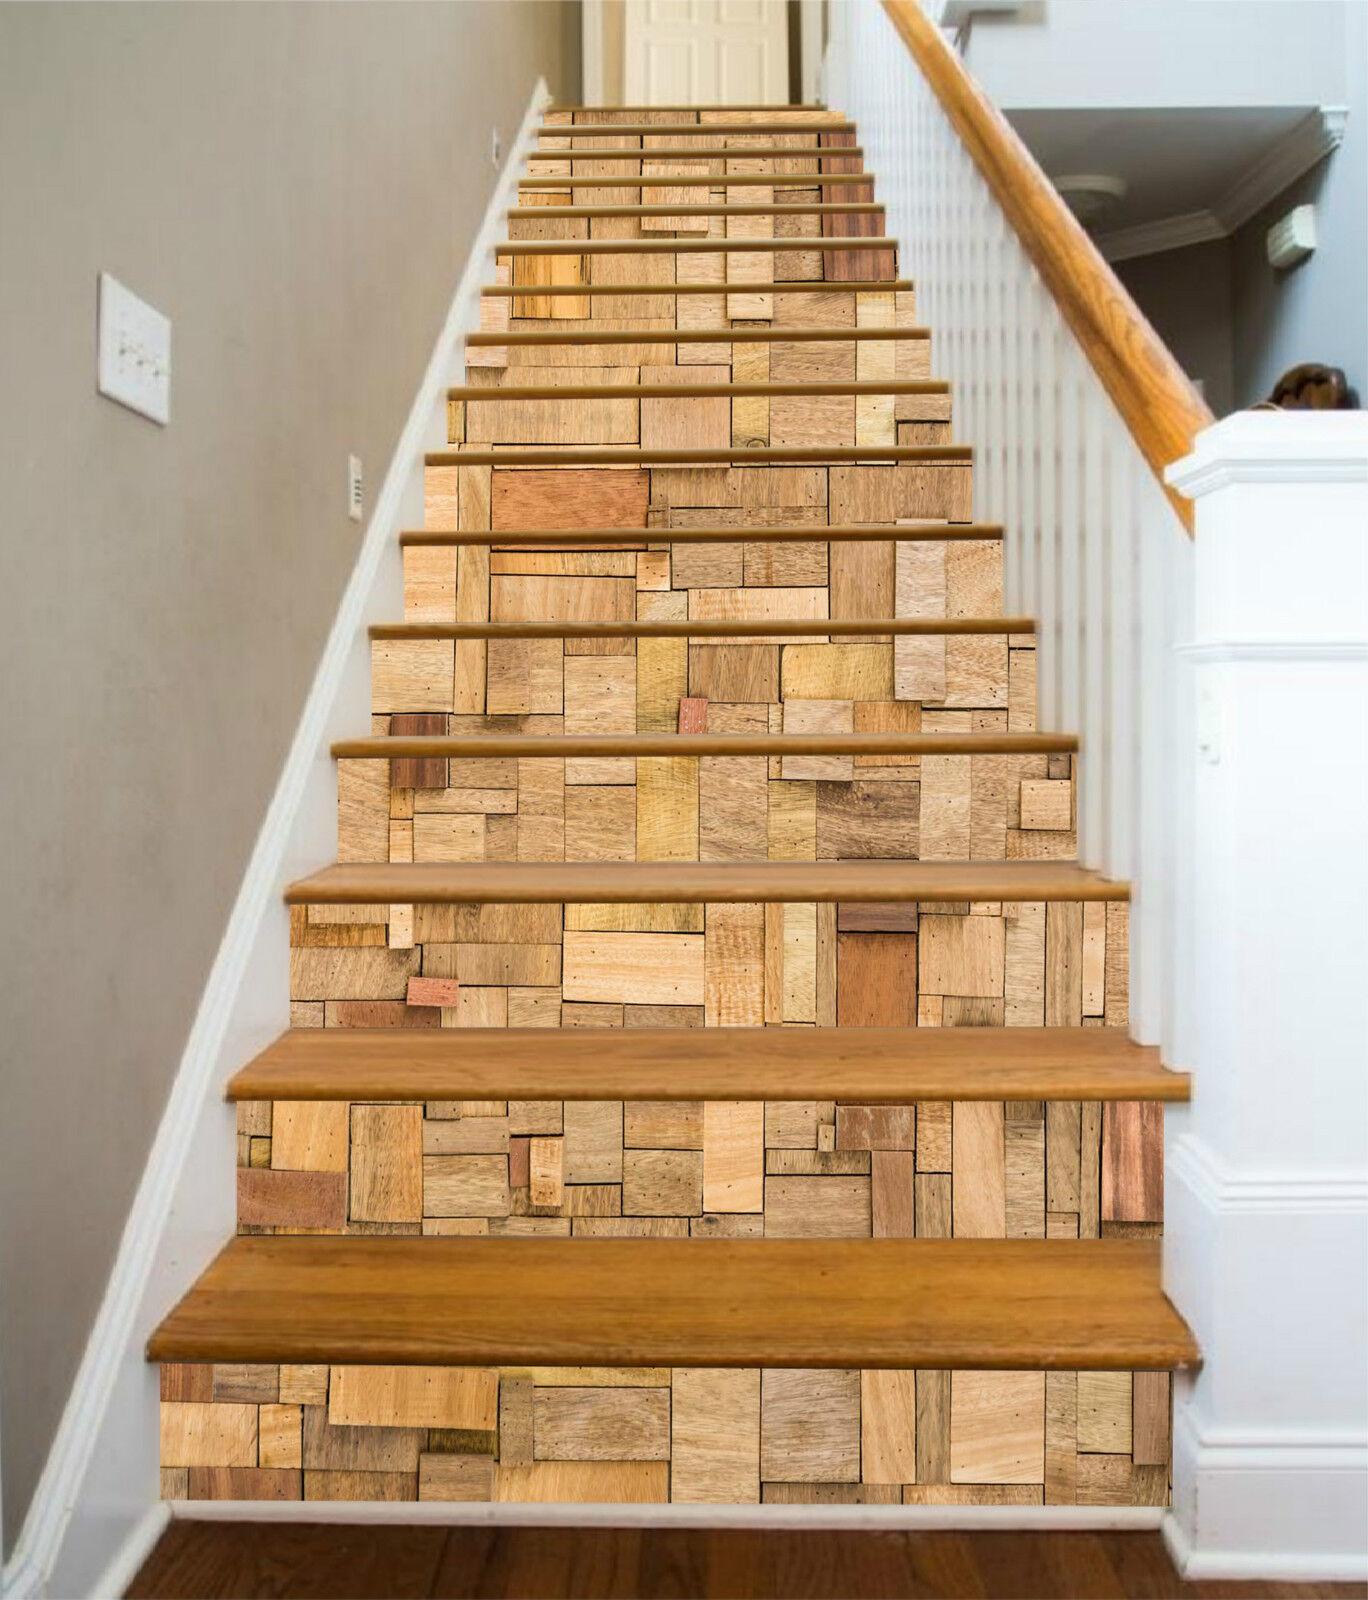 3D Holzpflaster 046 Stair Risers Dekoration Fototapete Vinyl Aufkleber Tapete DE